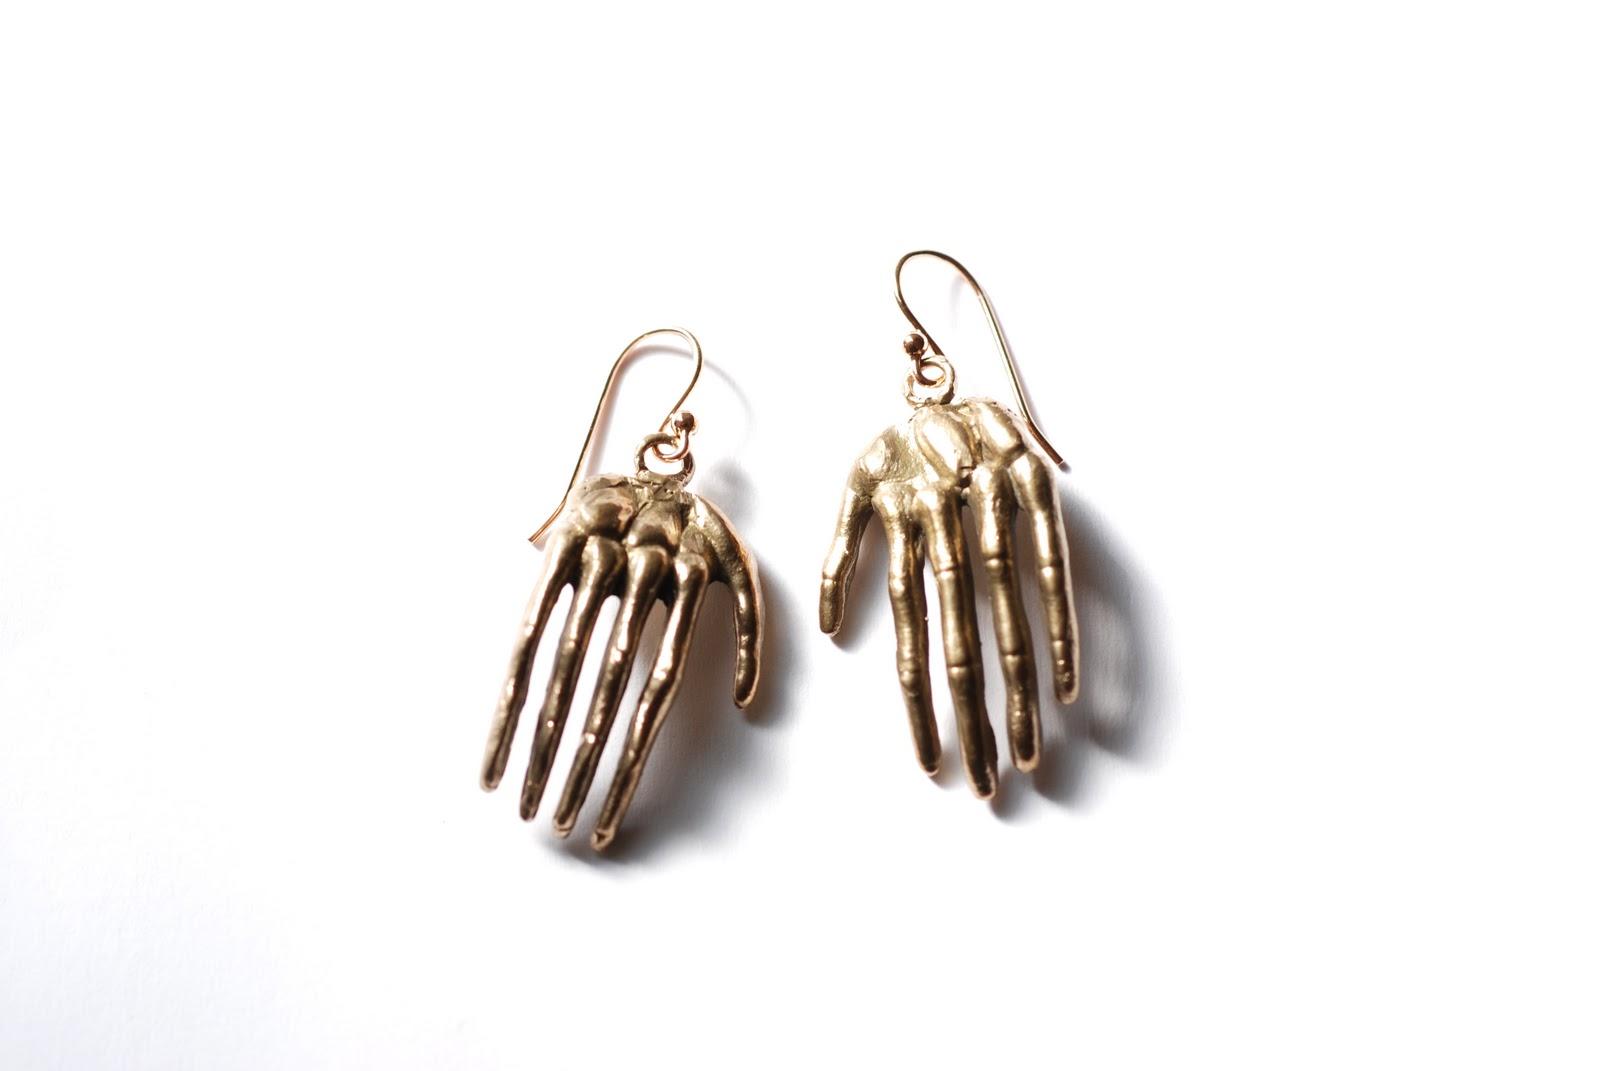 hester crown jewelry skeleton earrings